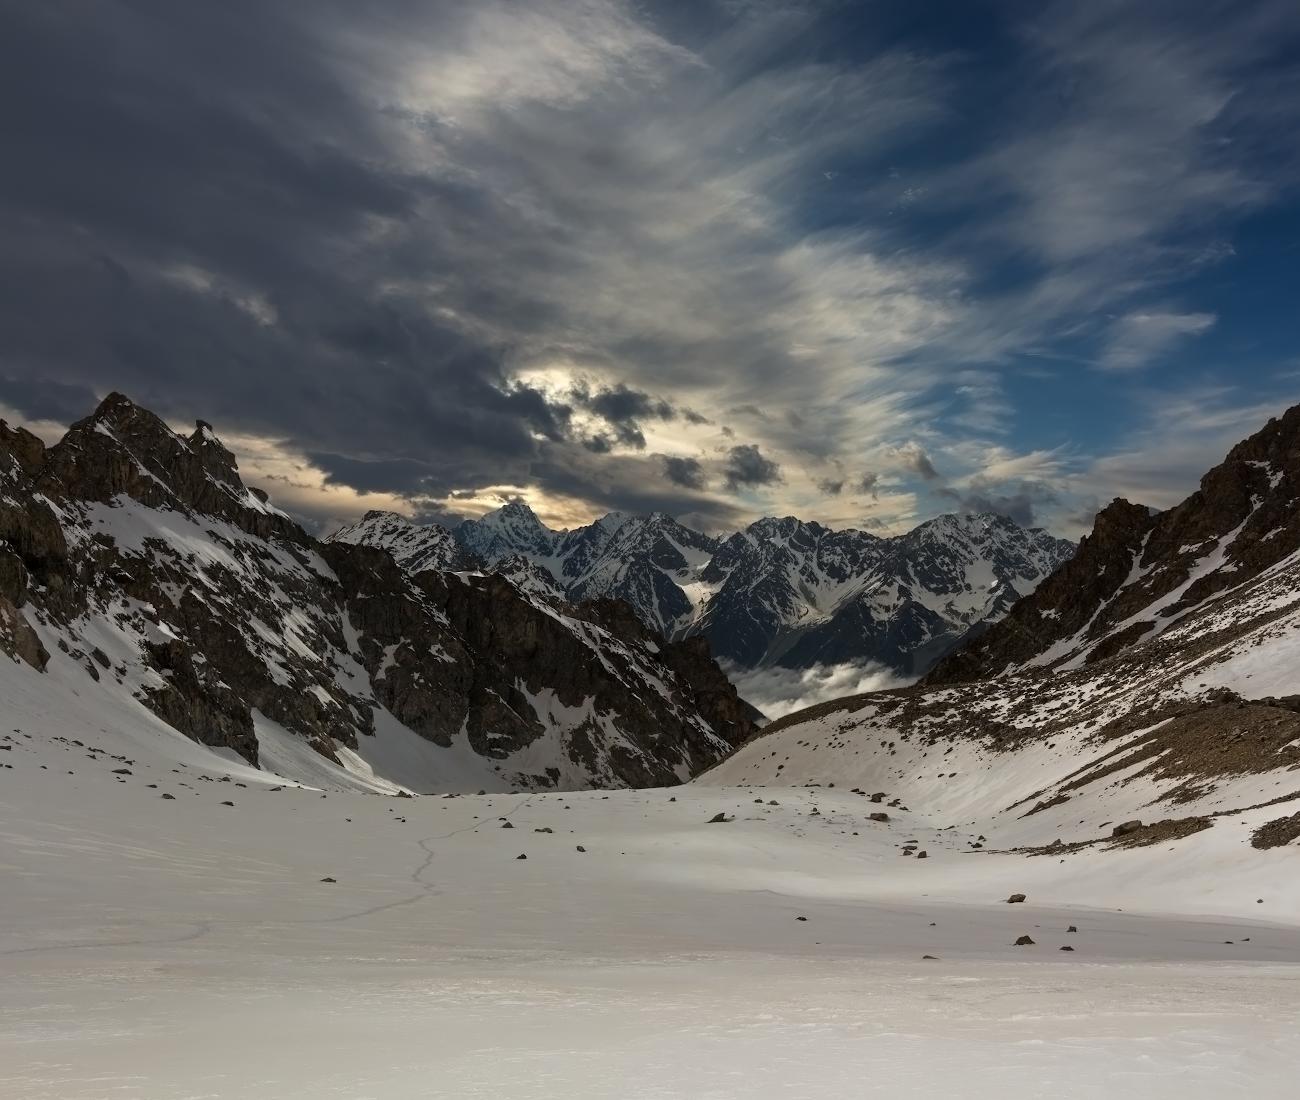 Безенги, перевал Укю (3850м), вид на ущелье Думала, Кавказские горы...